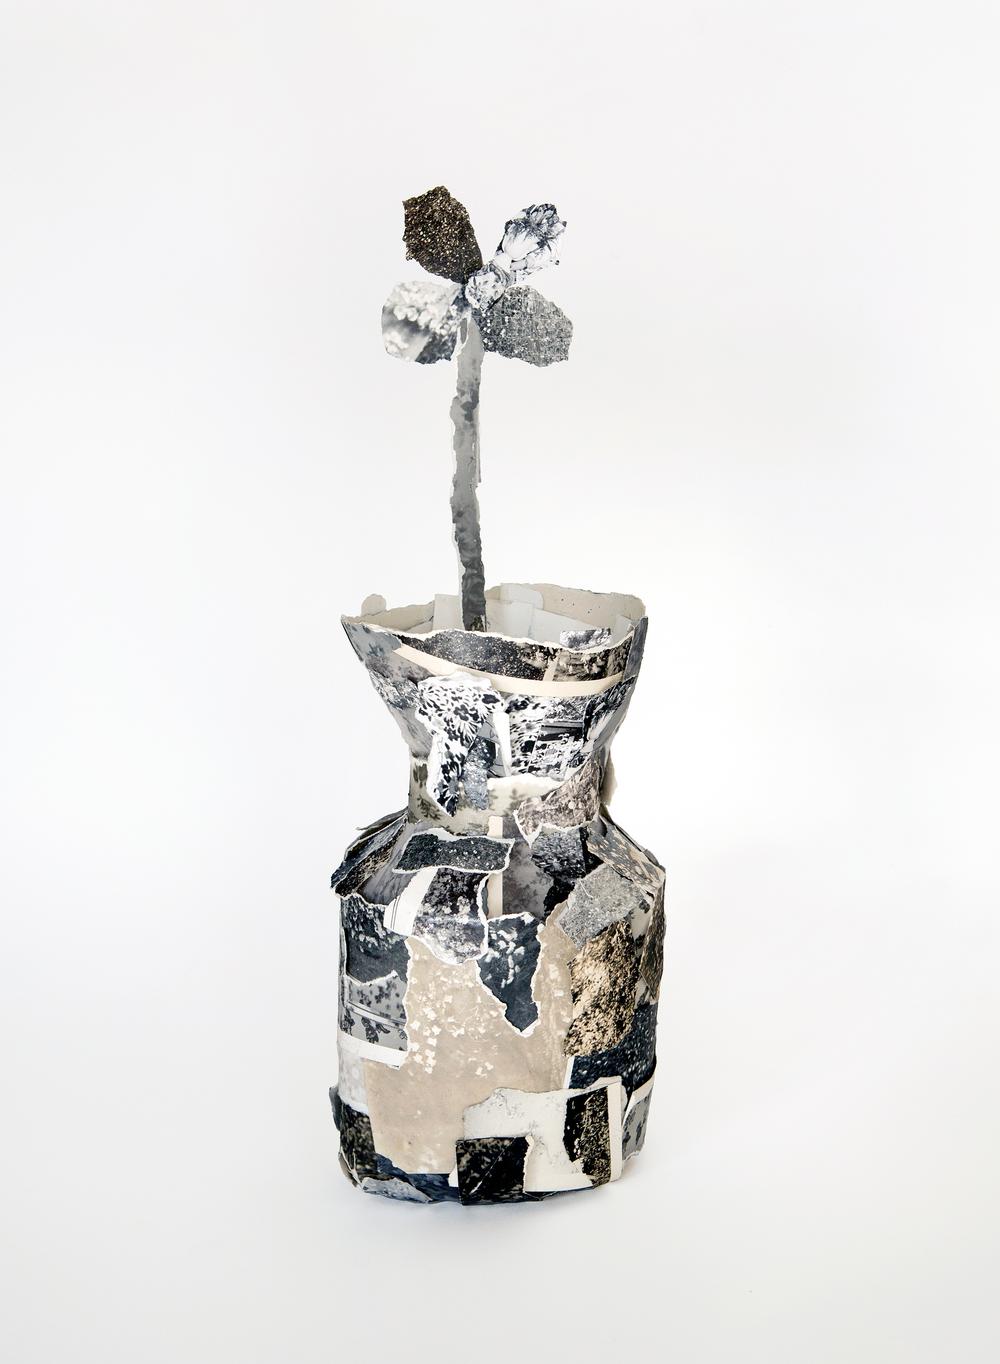 Flower Vase, 2016. © Joe Rudko